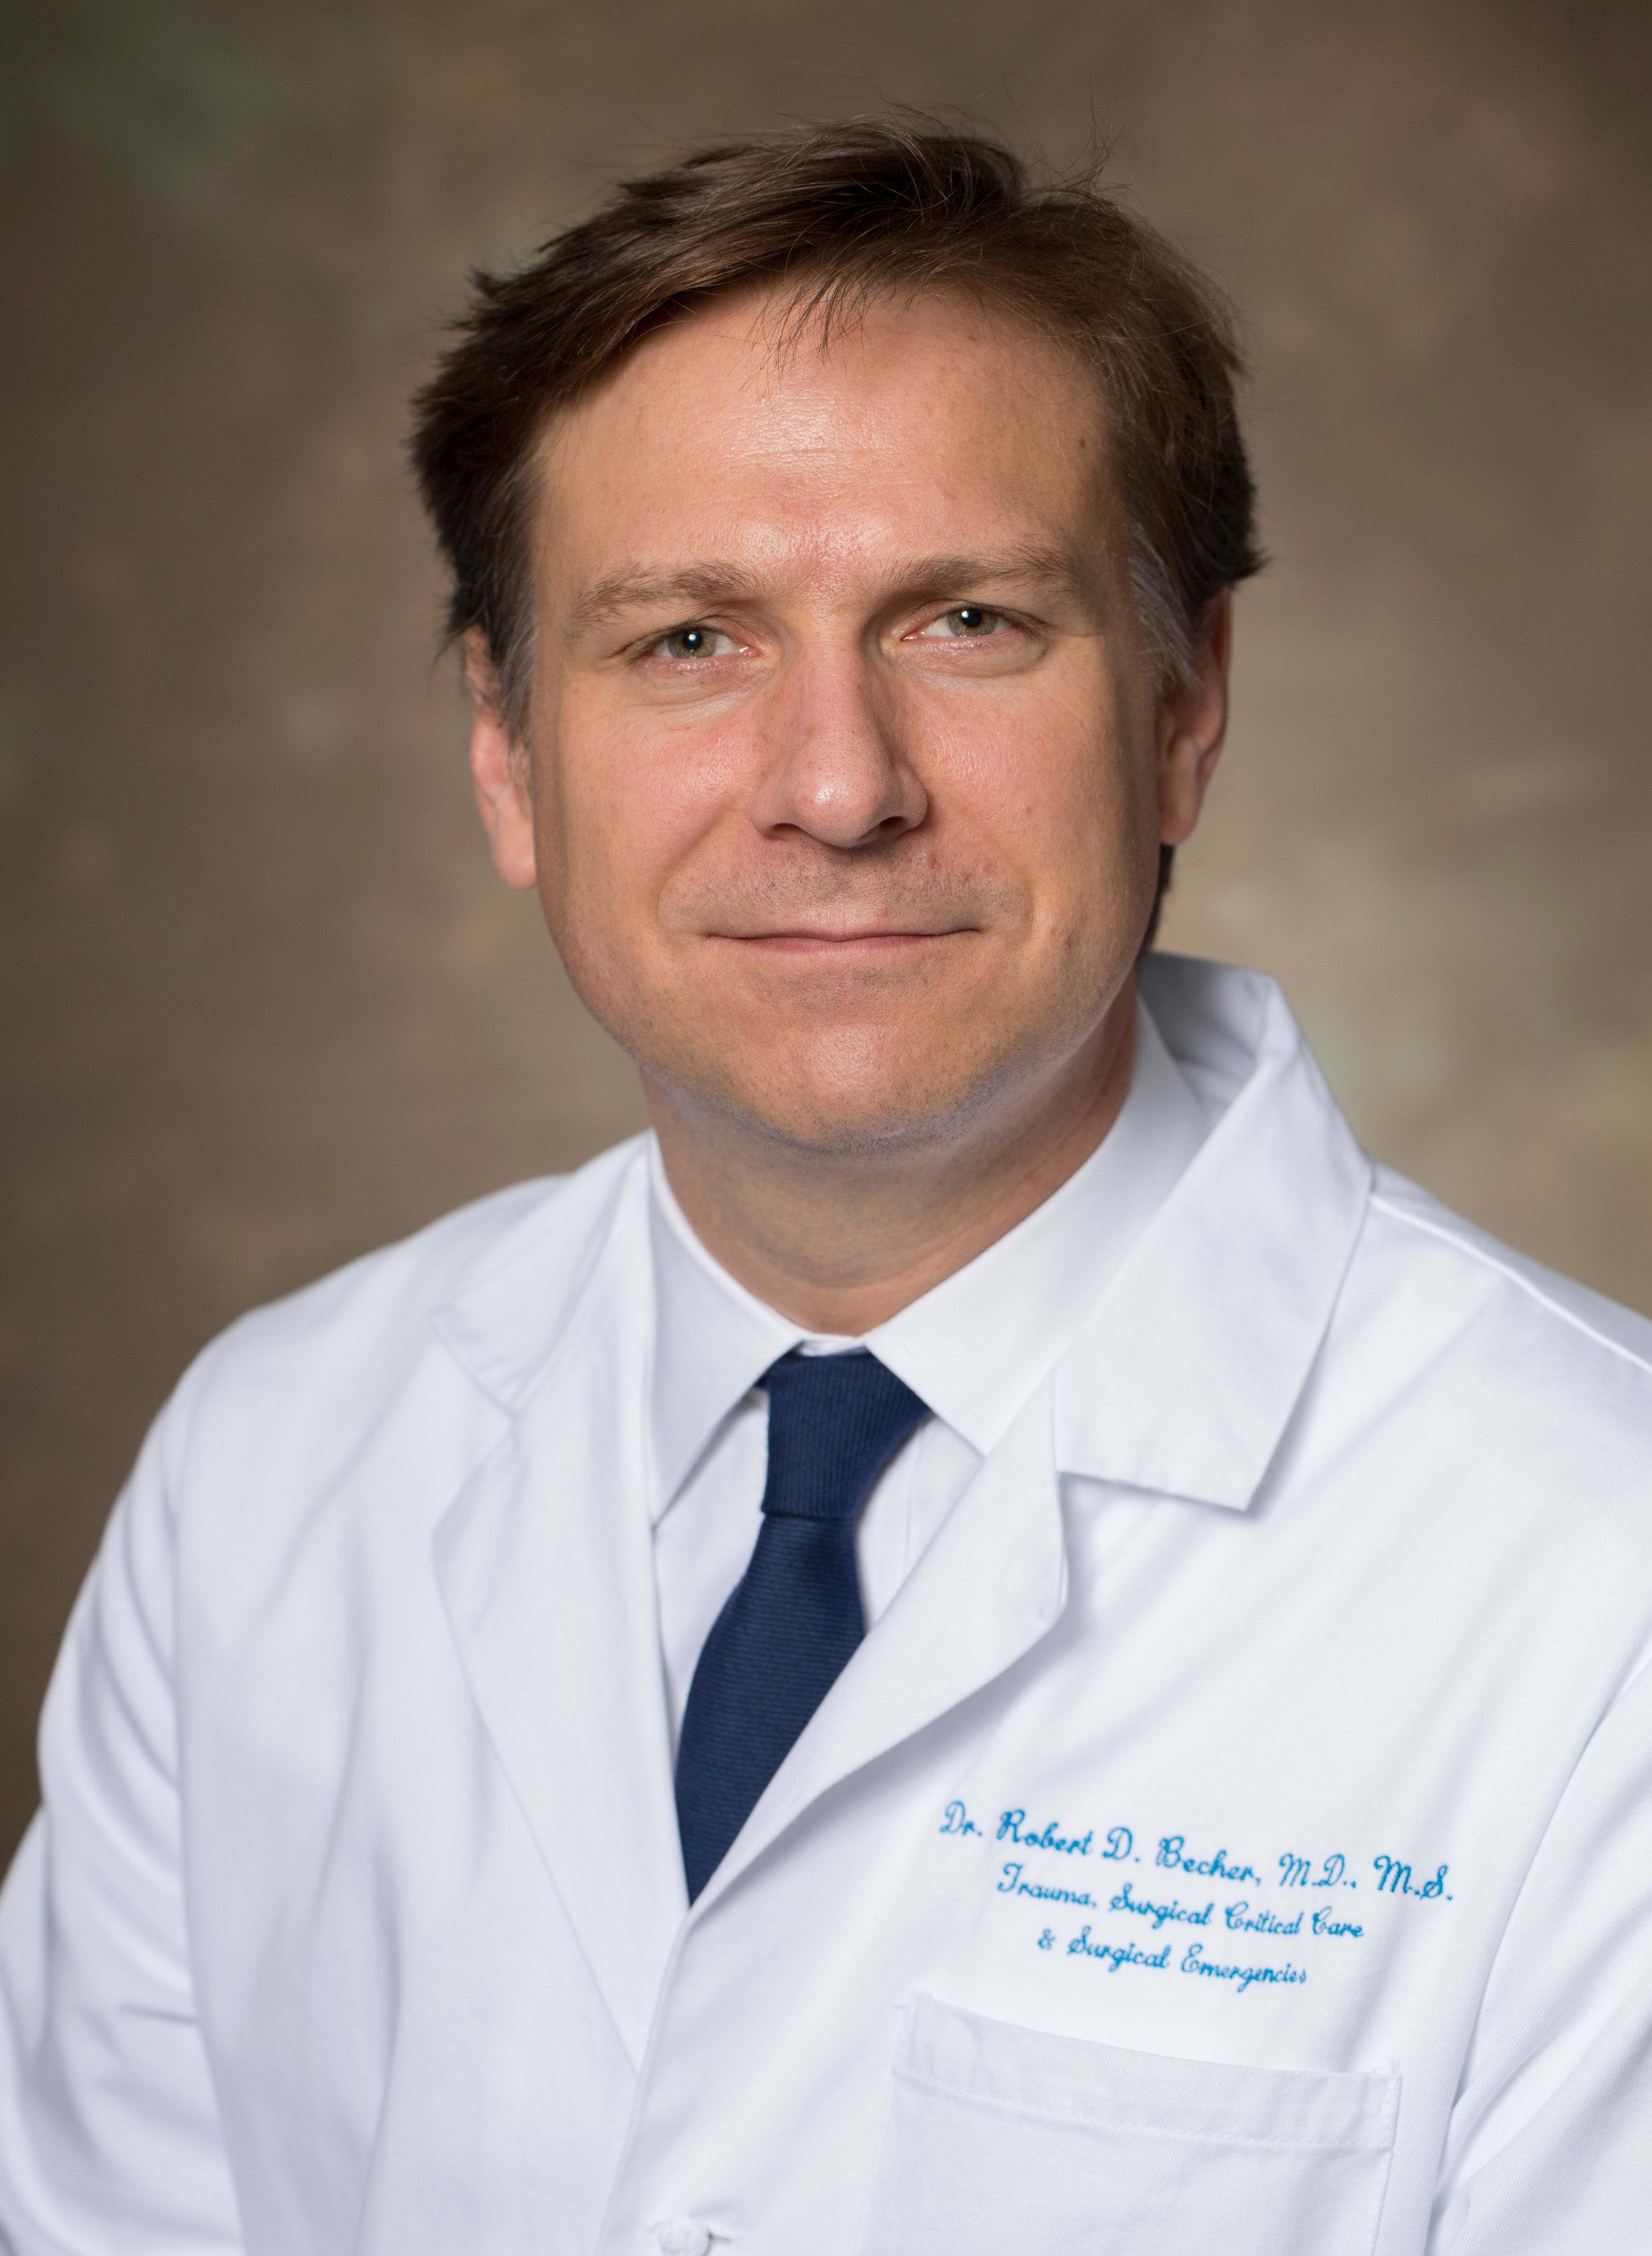 Robert D Becher, MD Anesthesiologist